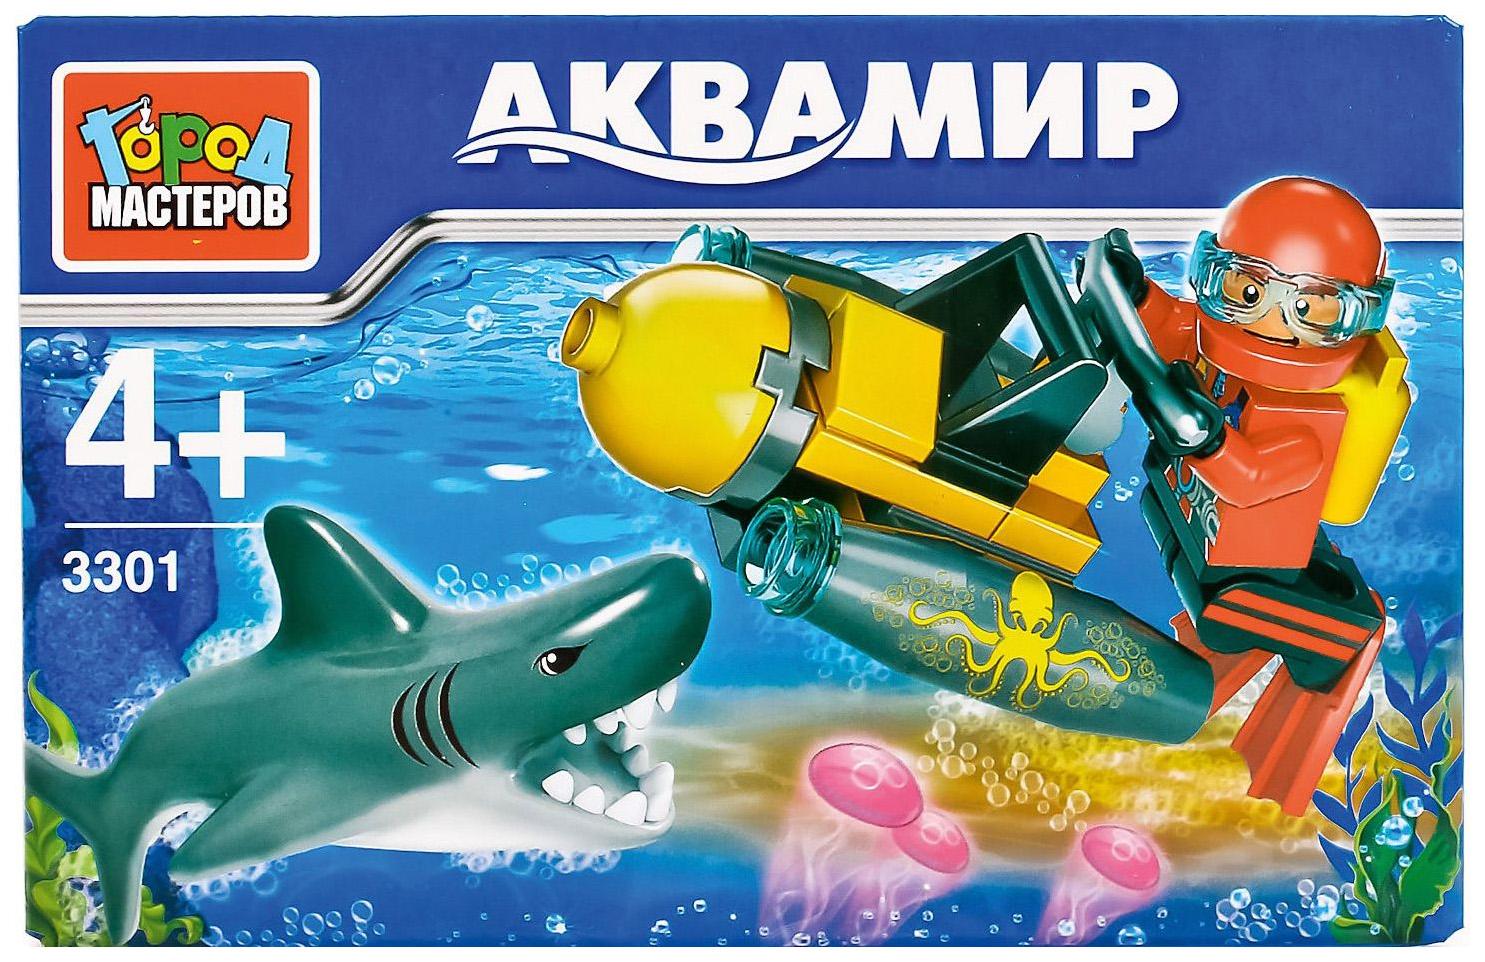 Купить Конструктор пластиковый Город Мастеров Аквамир - Аквалангист с акулой 33 детали, Конструкторы пластмассовые